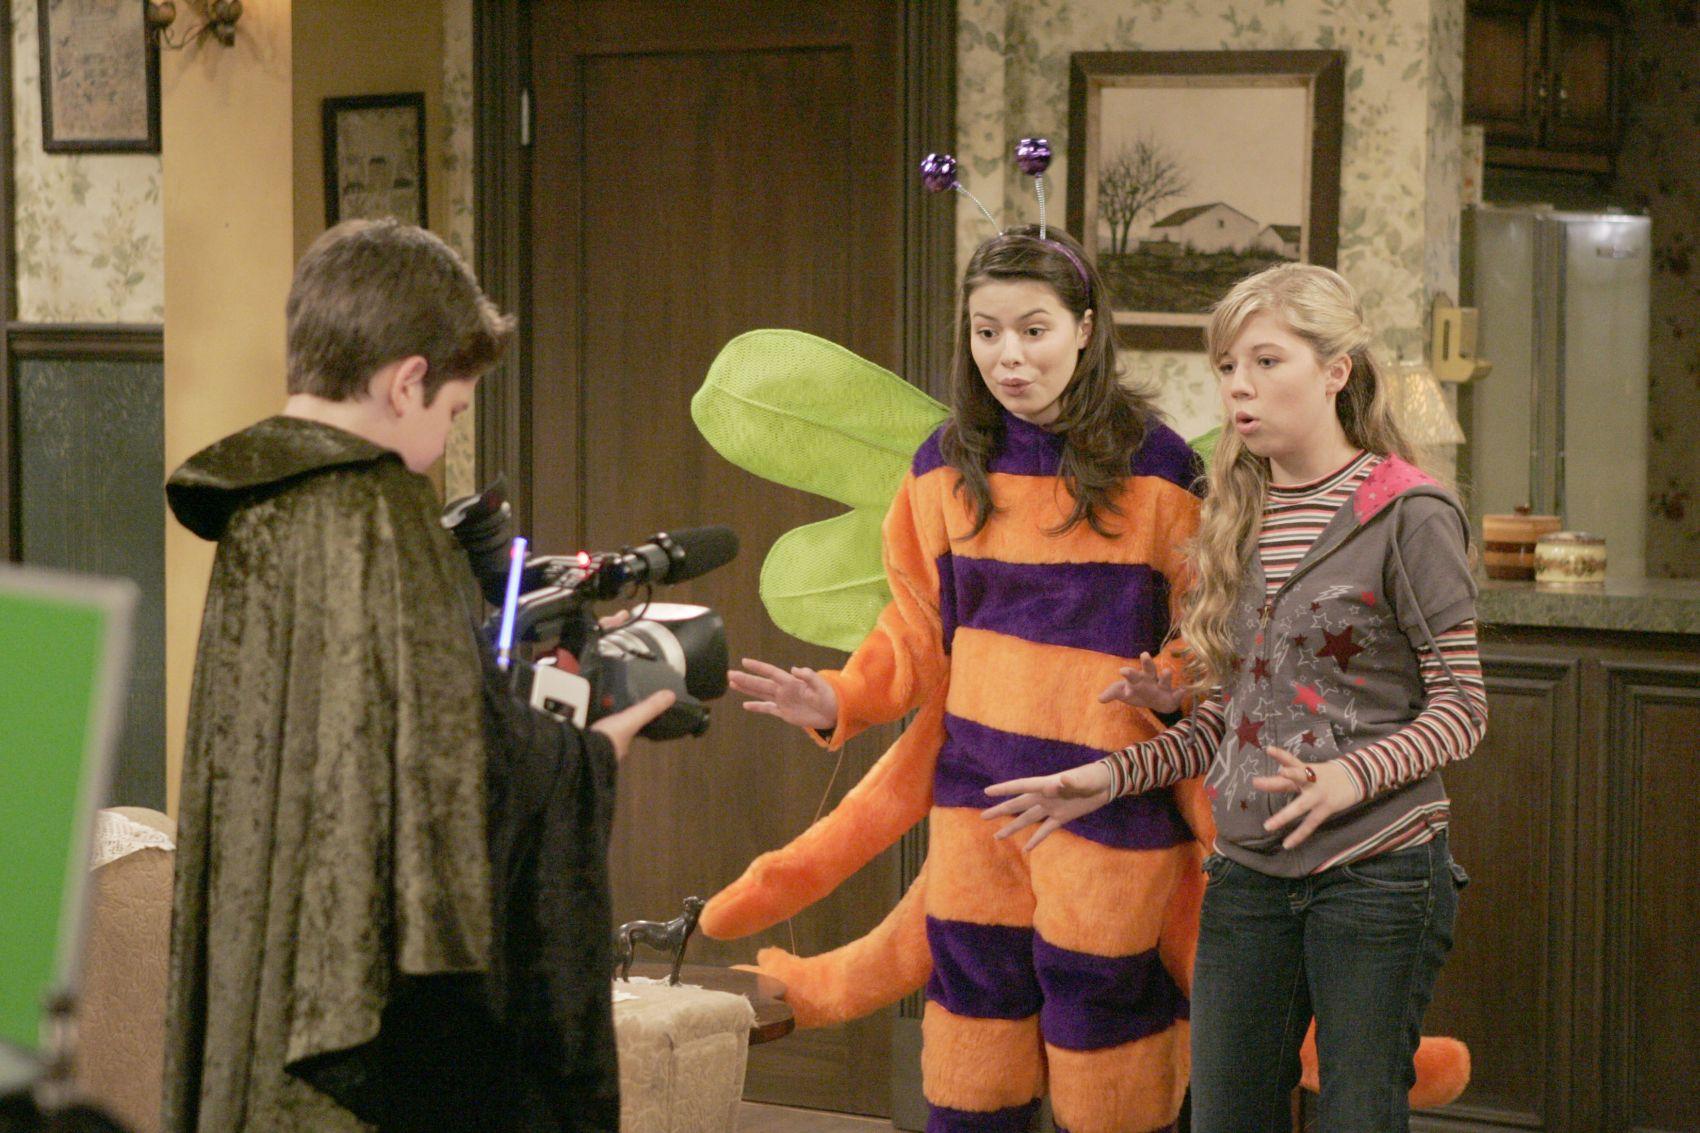 iScream on Halloween